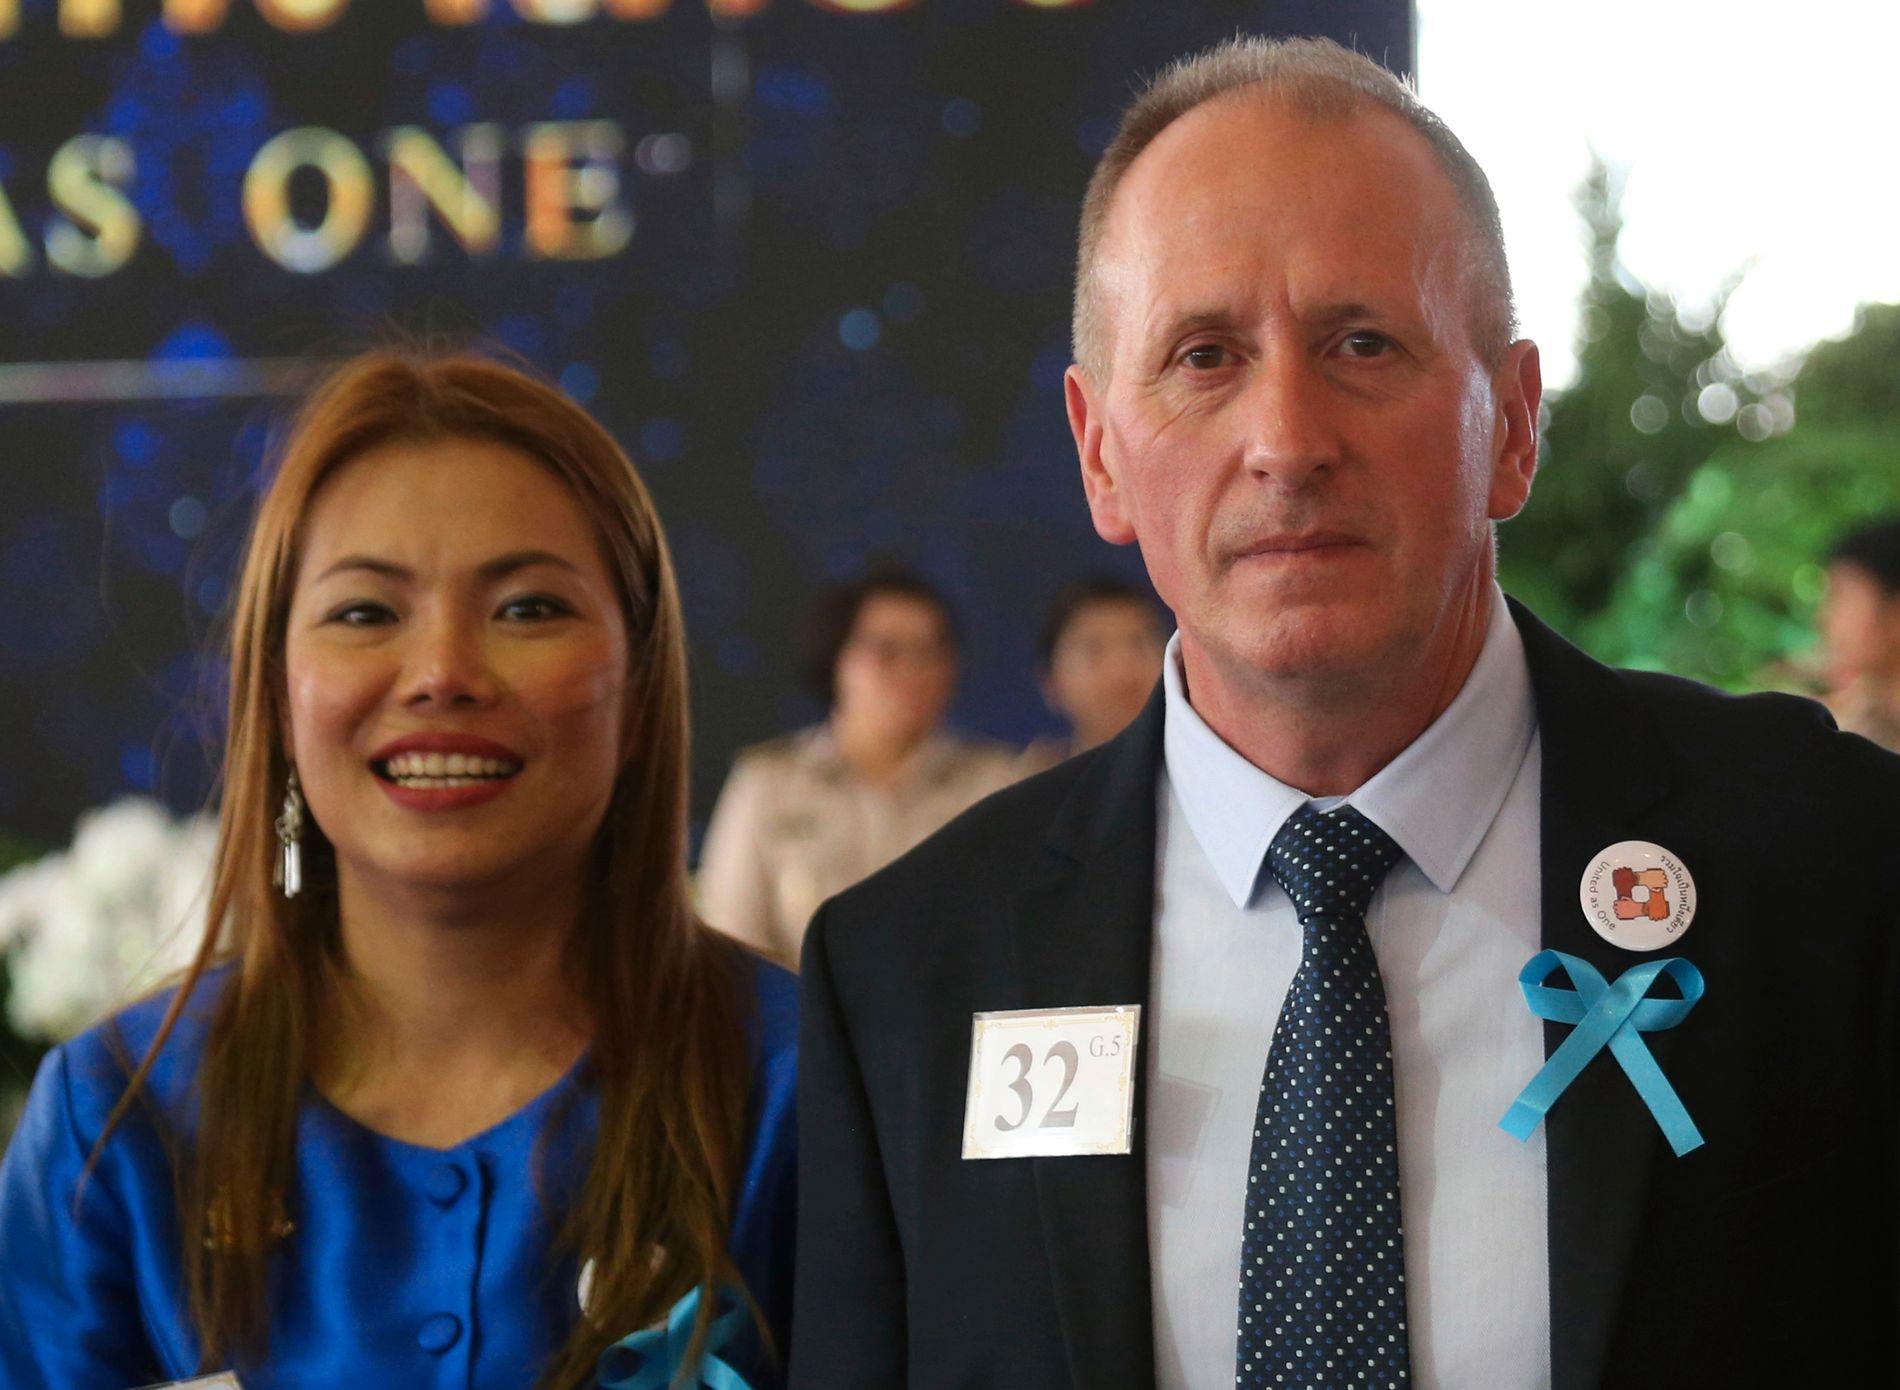 HYLLET: Vernon Unsworth med kona  Woranan Ratrawiphukkun på et arrangement i Bangkok i Thailand 6. september.